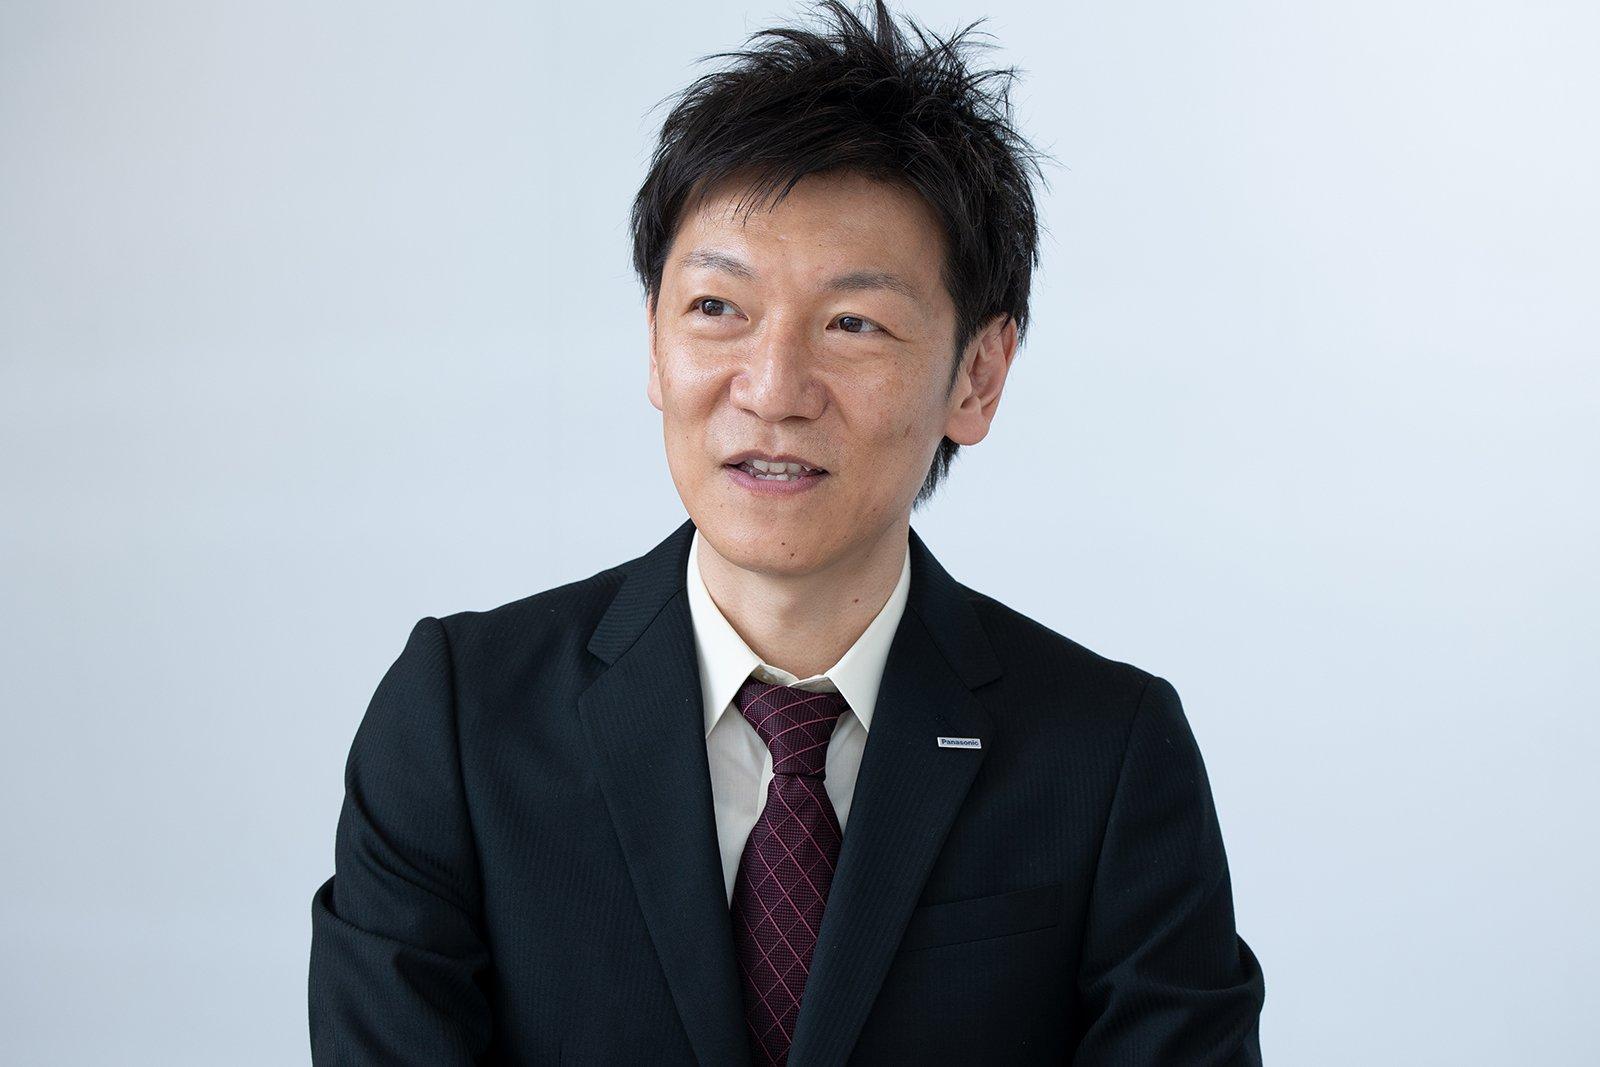 Photo: Masaki Yamauchi, Manager, Mobility Business Strategy Office, Panasonic Corporation